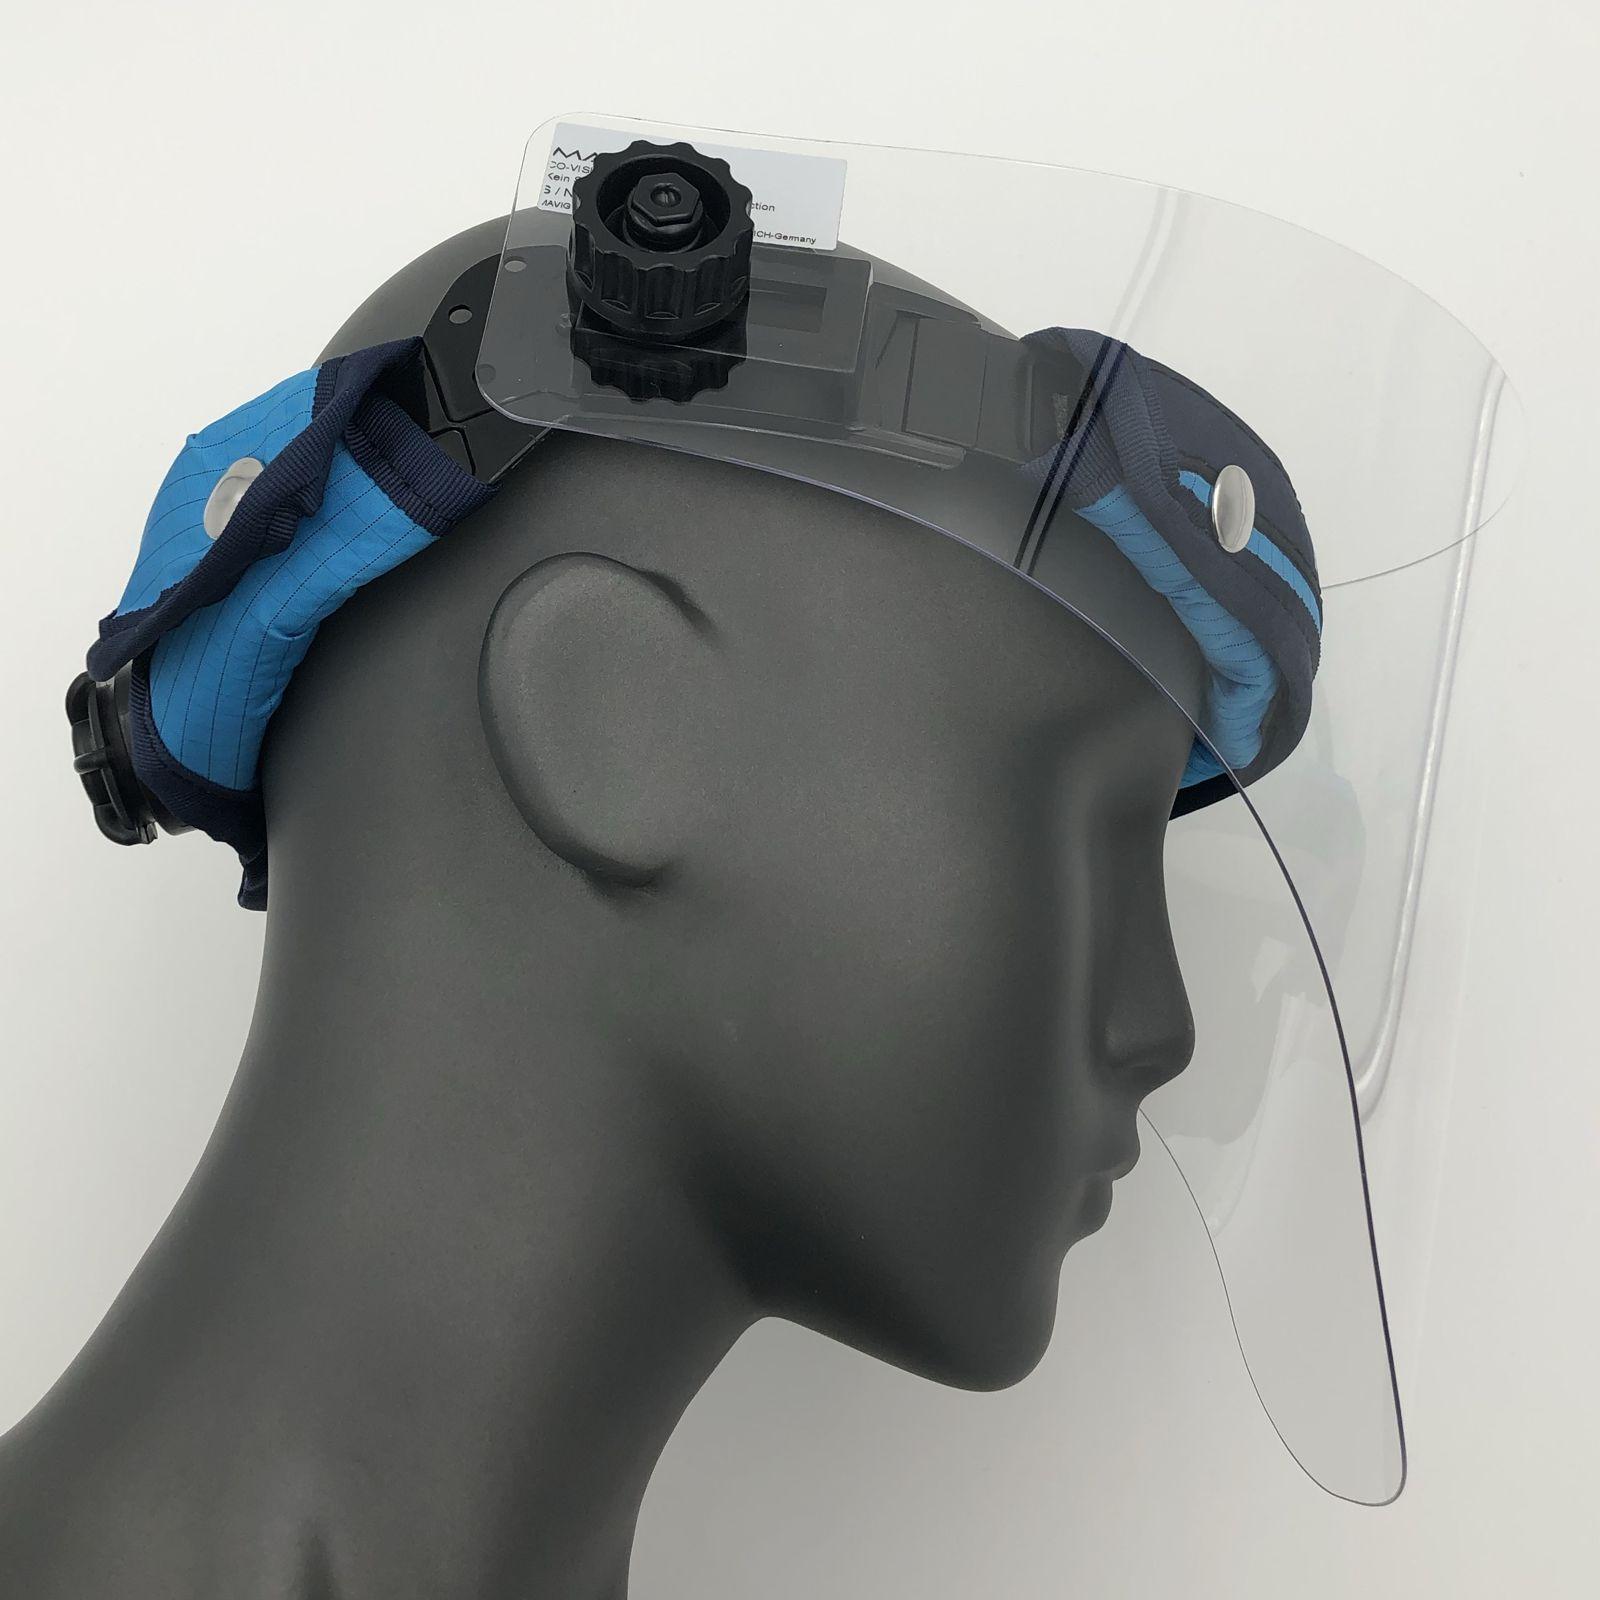 Gesichtsschutz Spritzschutz Visier Schutzmaske Hygiene Aufklappbar 400 g